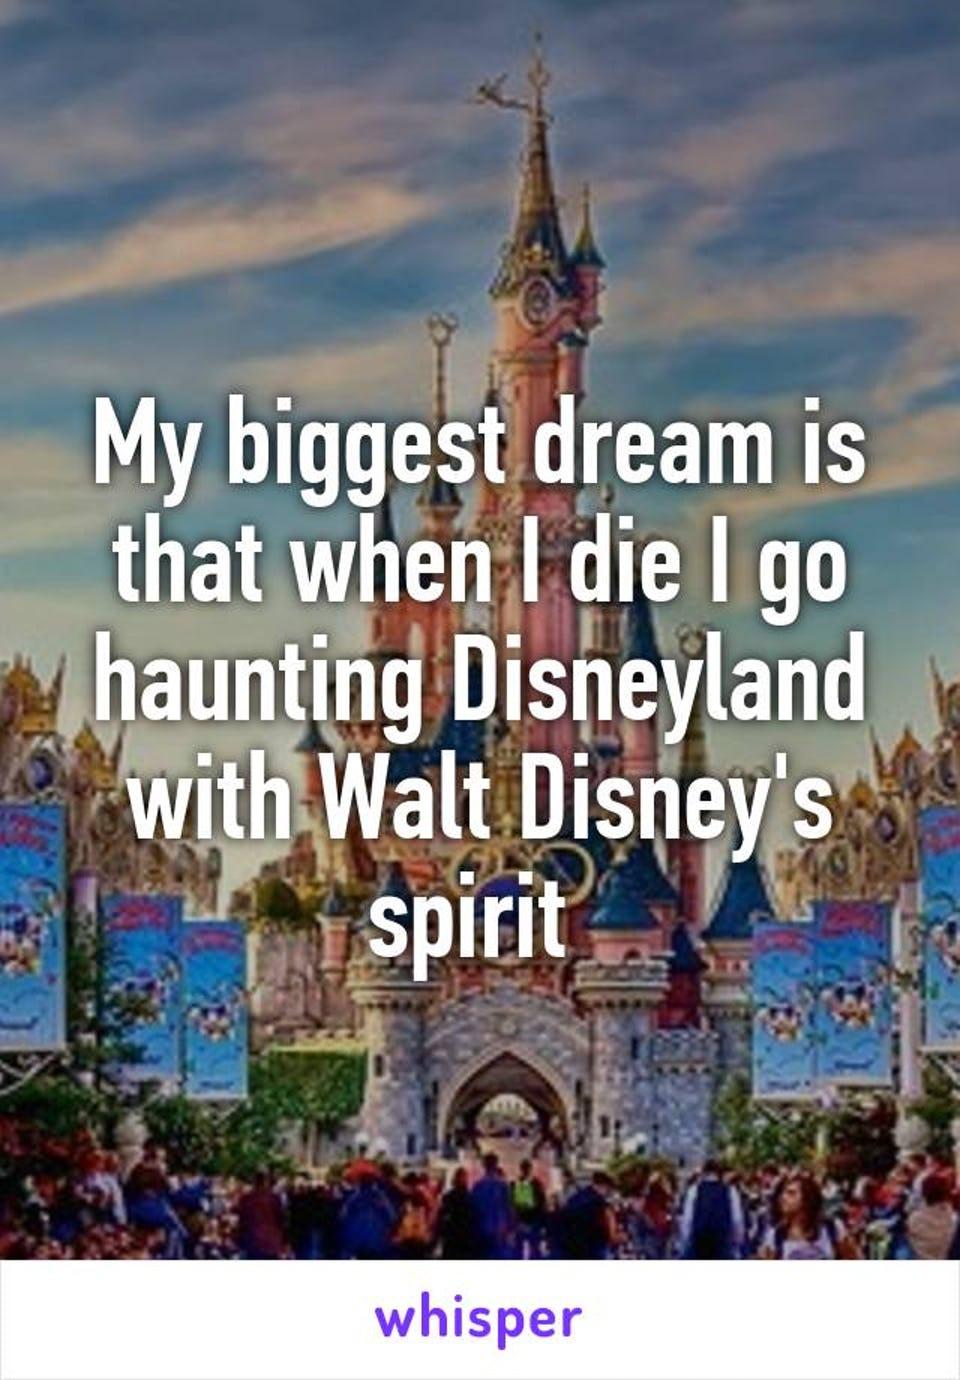 Many people still believethat Walt Disney haunts Disney land